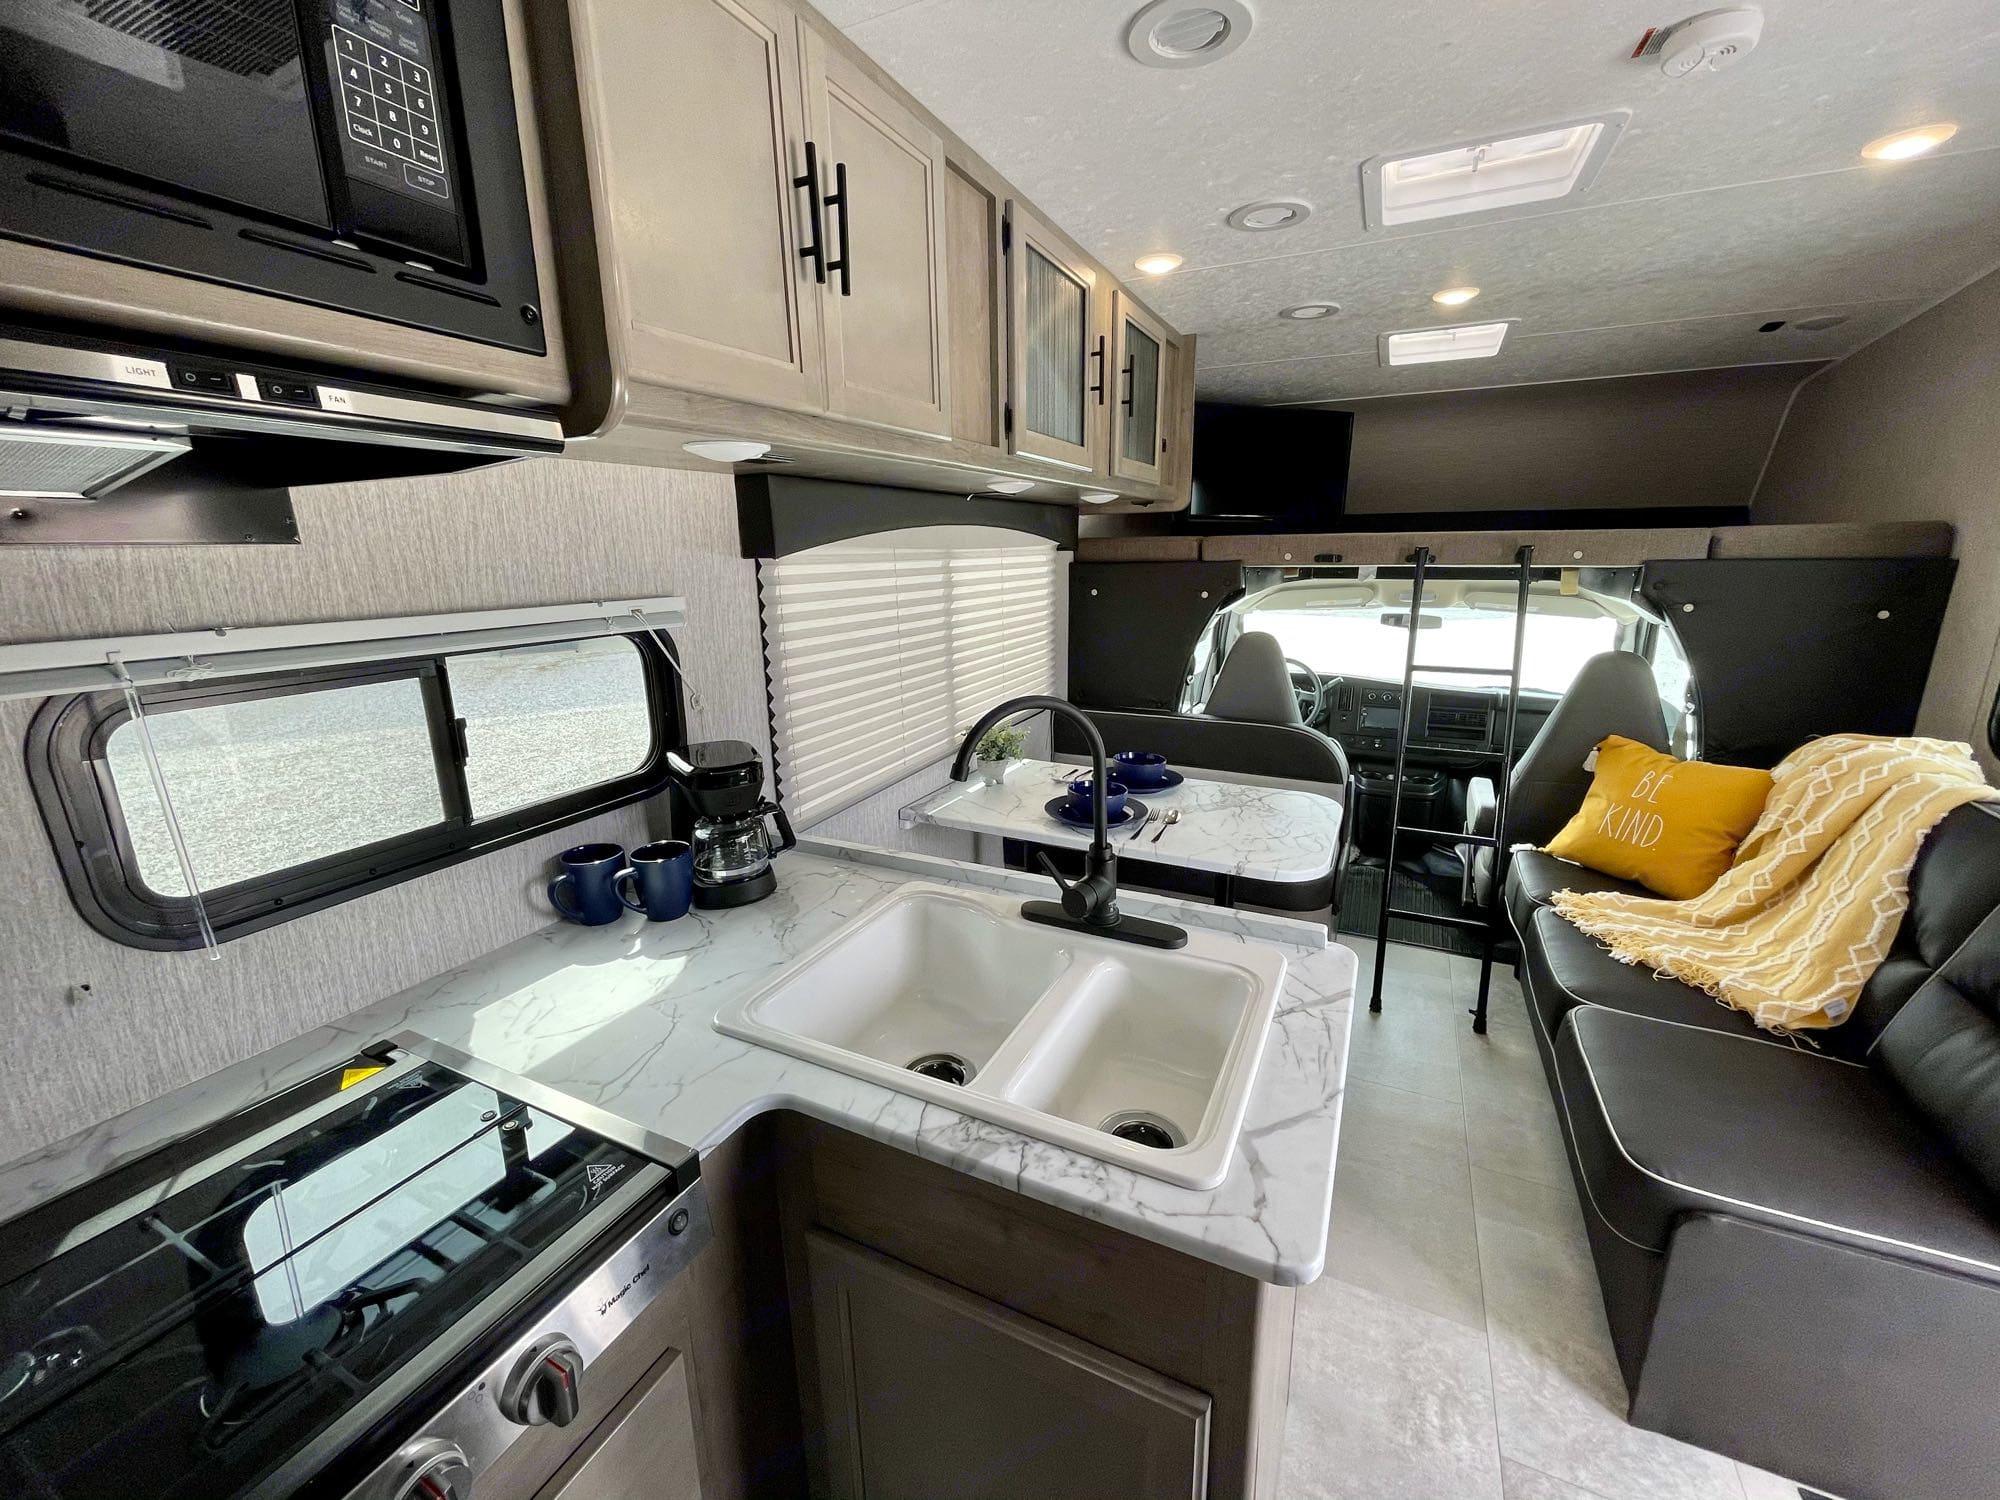 kitchen- gas stove, microwave, farmhouse sink. Coachmen Freelander 27QB 2021